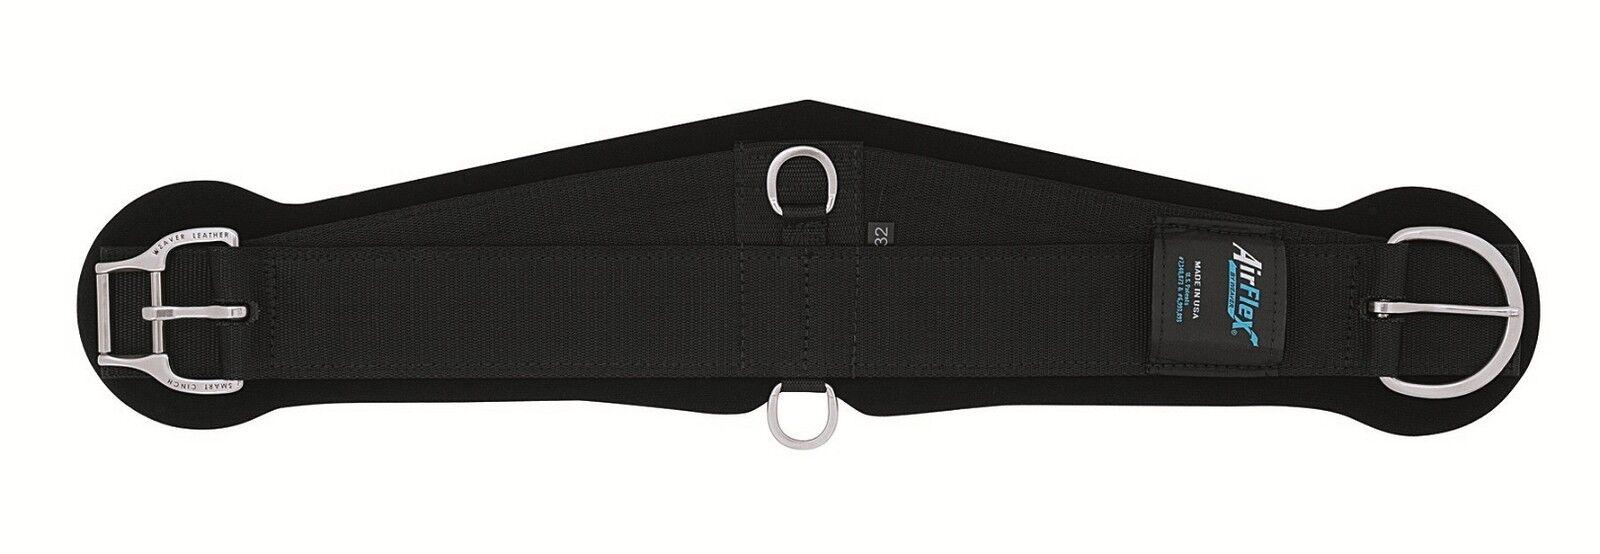 Weaver Leather amélioré Smart Cinch Airflex schwarz Circonférence-Roper - 28 32